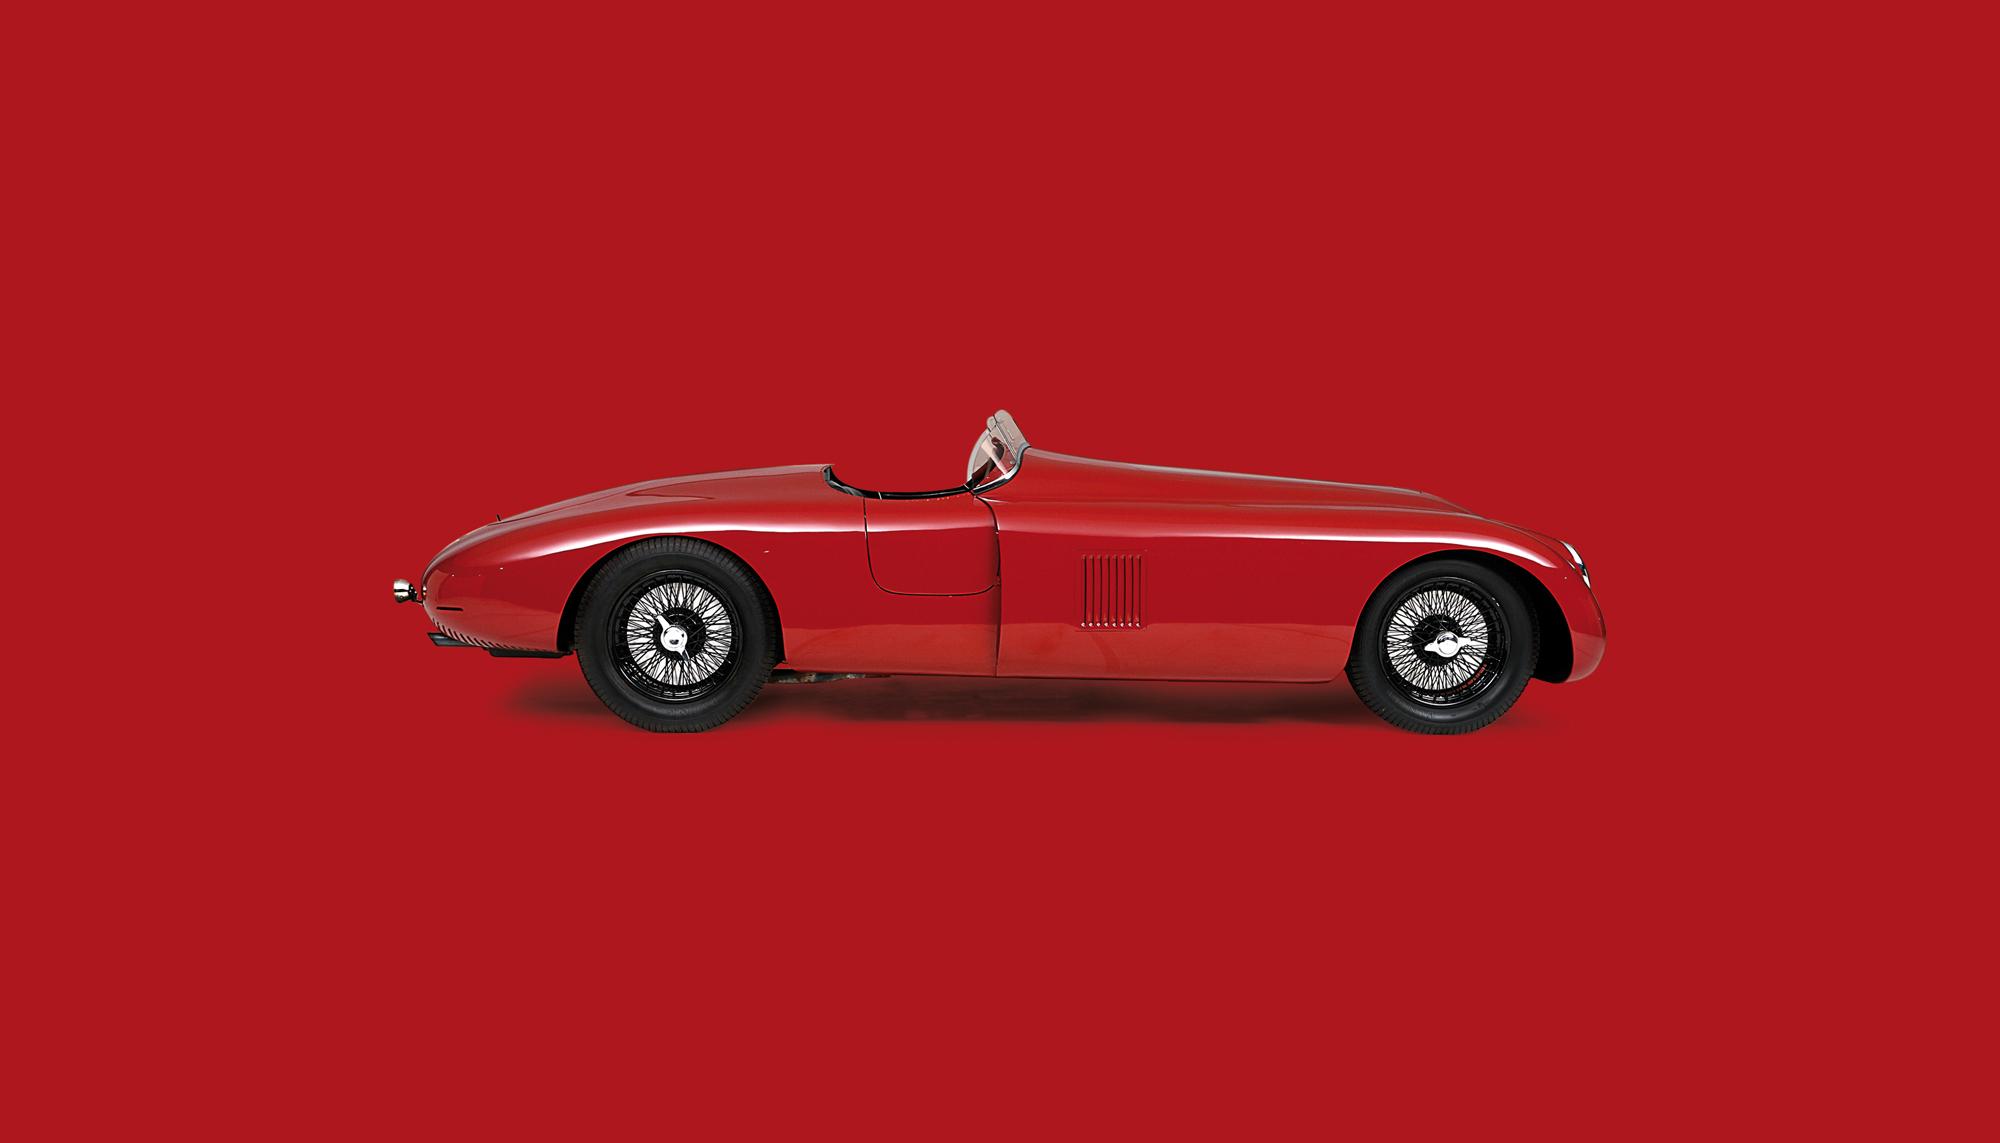 Bekijk Alfa Romeo 8C 2900B Spider Corsa Sperimentale Belena in het Louwman Museum